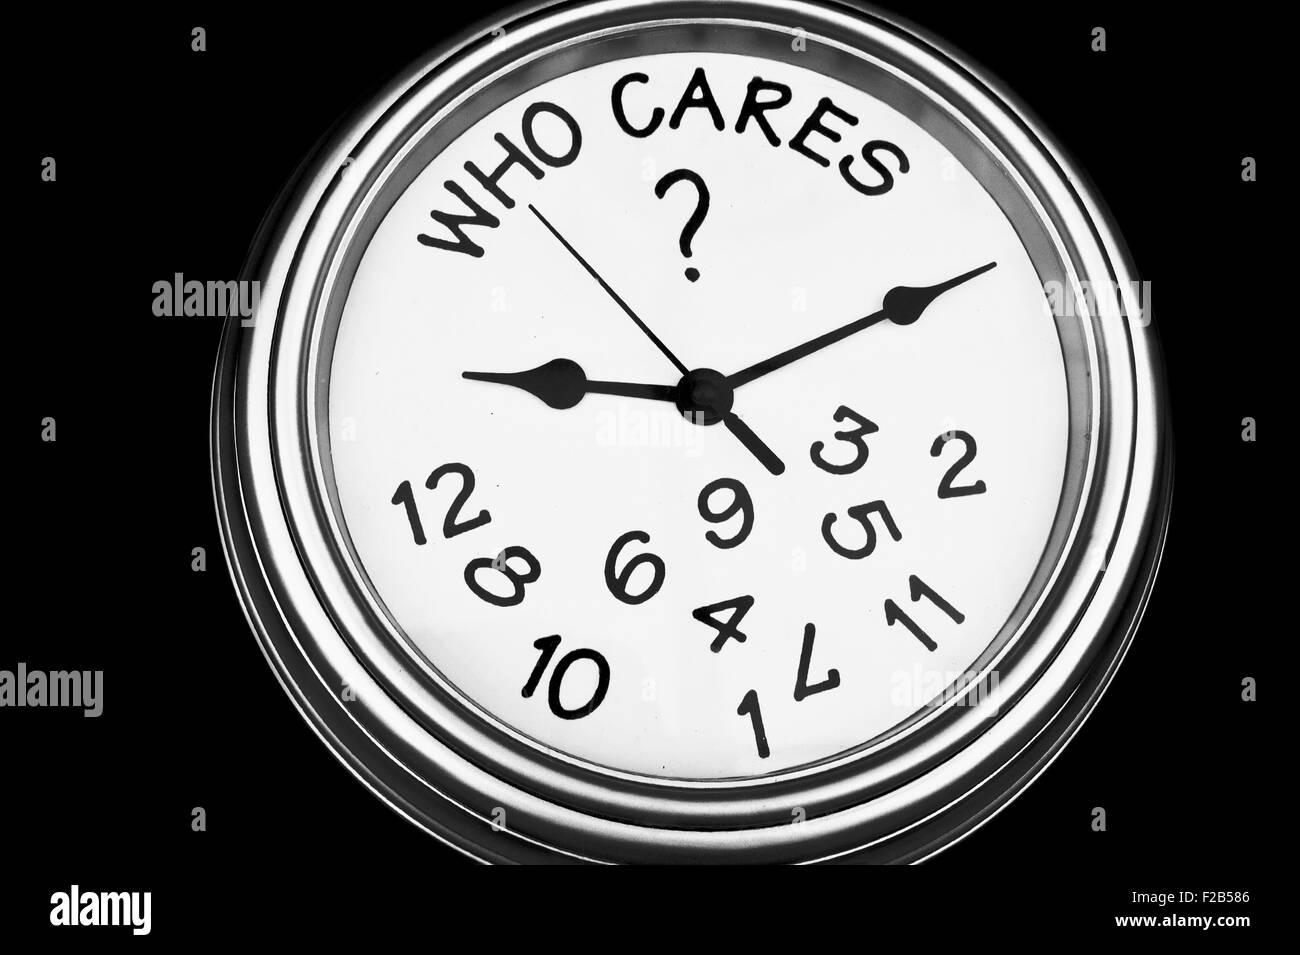 Una immagine in bianco e nero di un orologio con numeri di cadere fuori che mostra il concetto di tempo non importa Immagini Stock